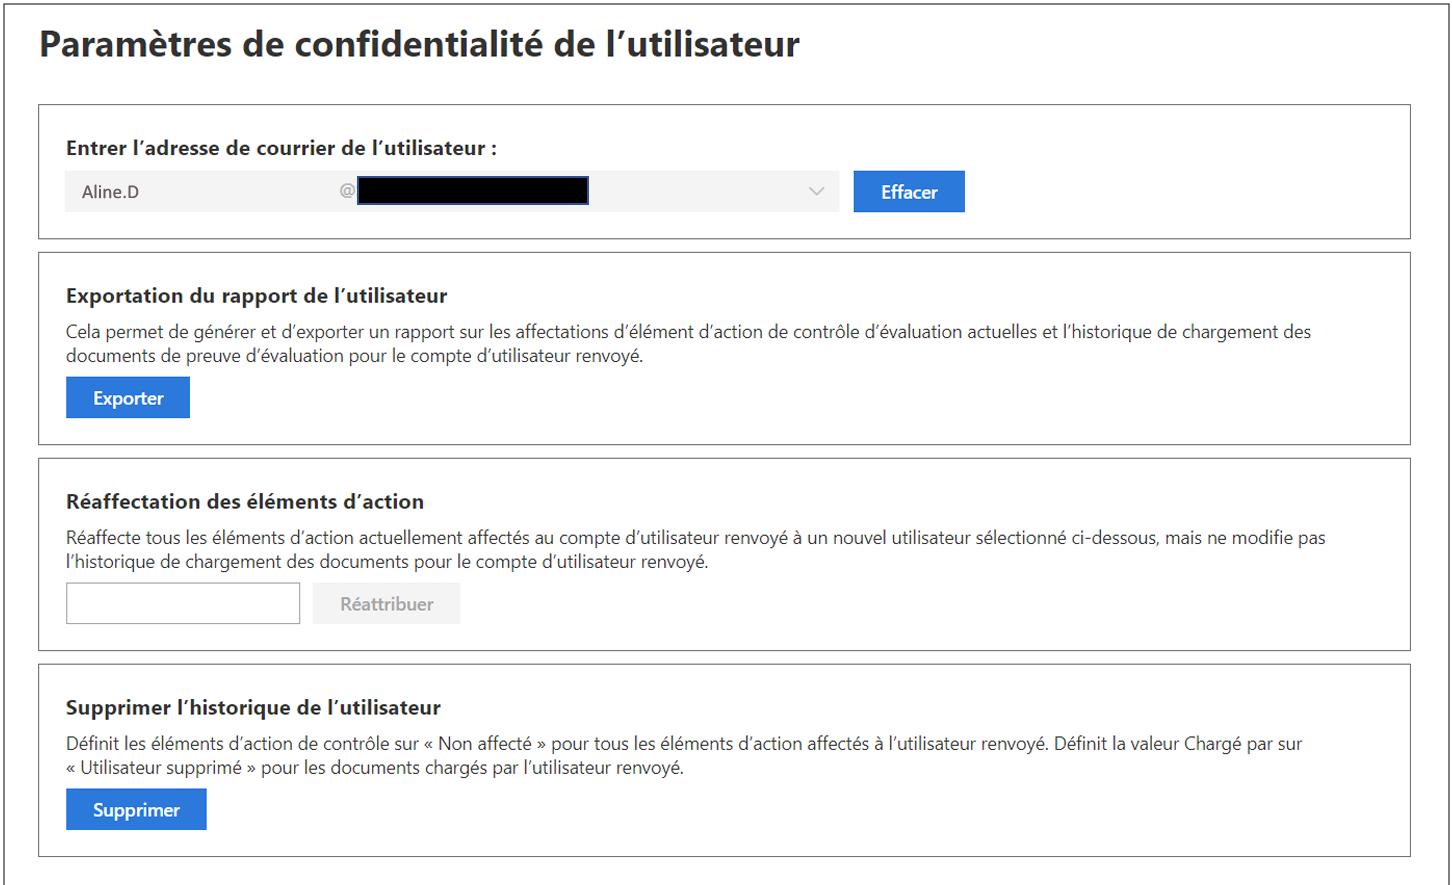 Administration du Gestionnaire de conformité - Paramètres de confidentialité de l'utilisateur